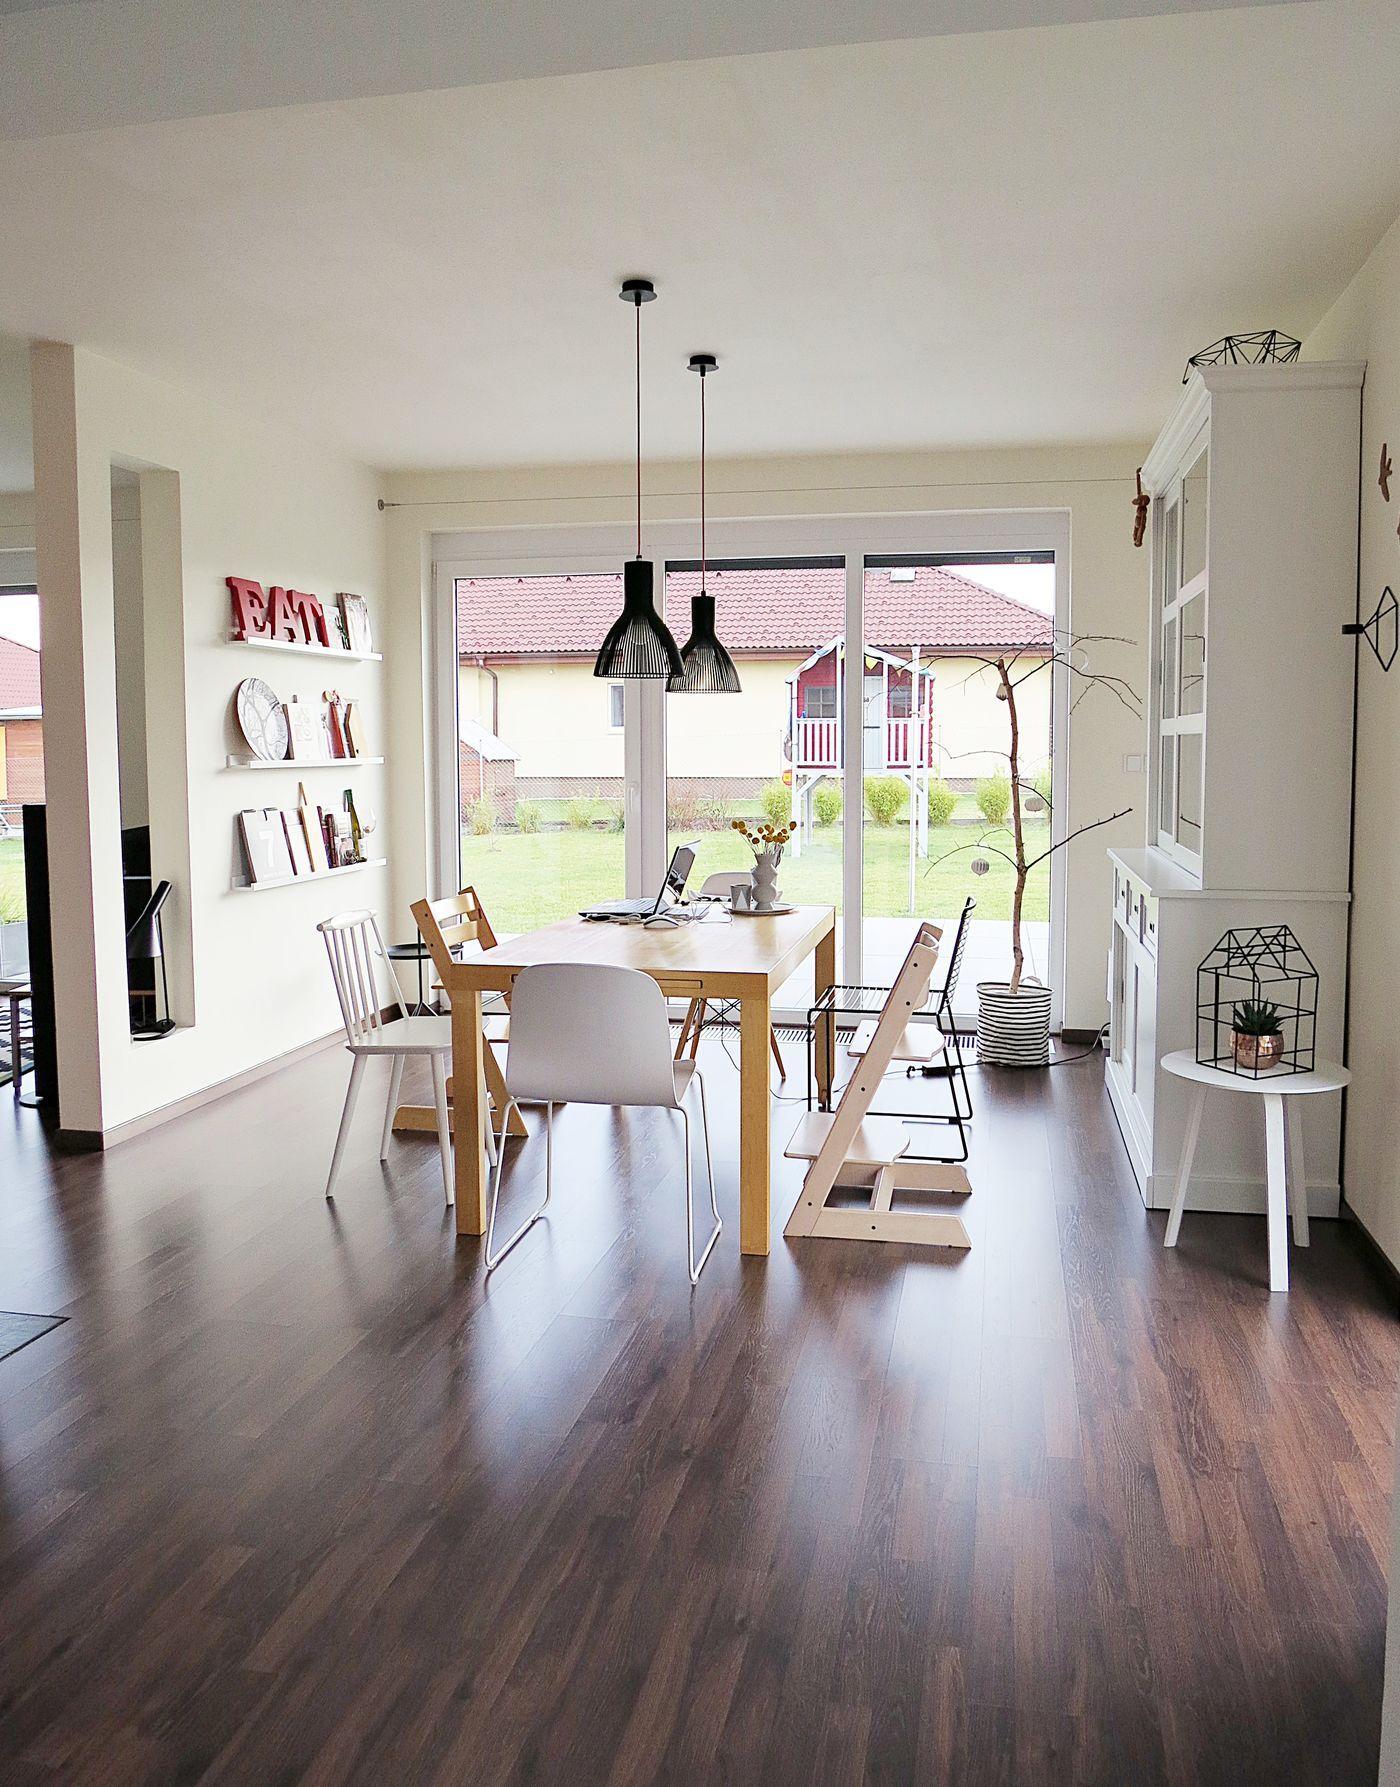 wandgestaltung mit der ikea ribba mosslanda bilderleiste seite 3. Black Bedroom Furniture Sets. Home Design Ideas